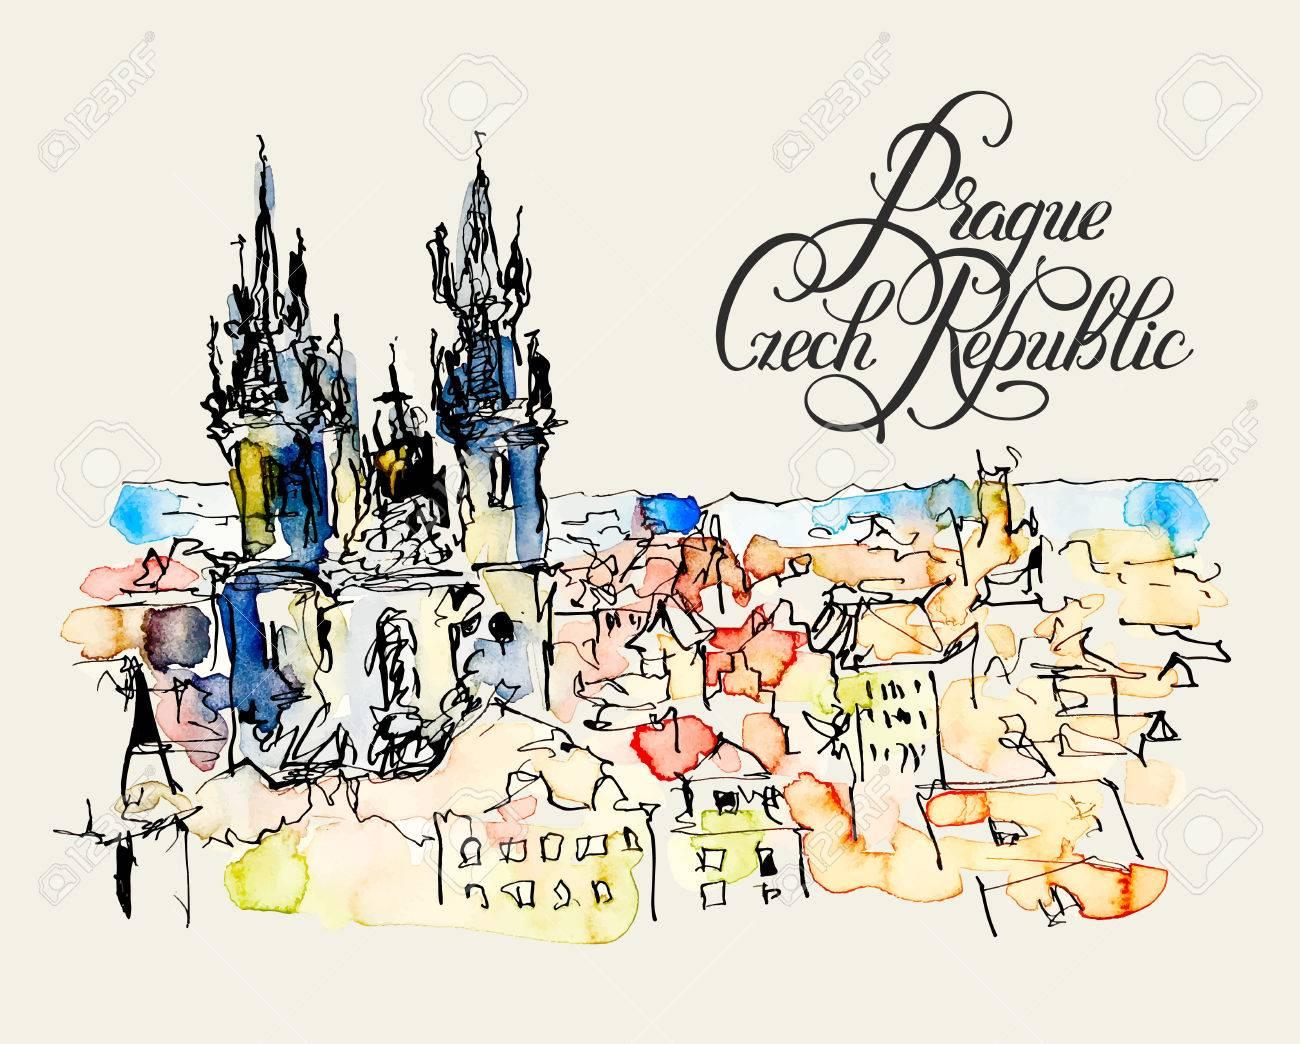 Dessin Avec La Main aquarelle dessin à main levée croquis de prague république tchèque top  paysage avec la calligraphie lettrage de livre ou une affiche, peinture